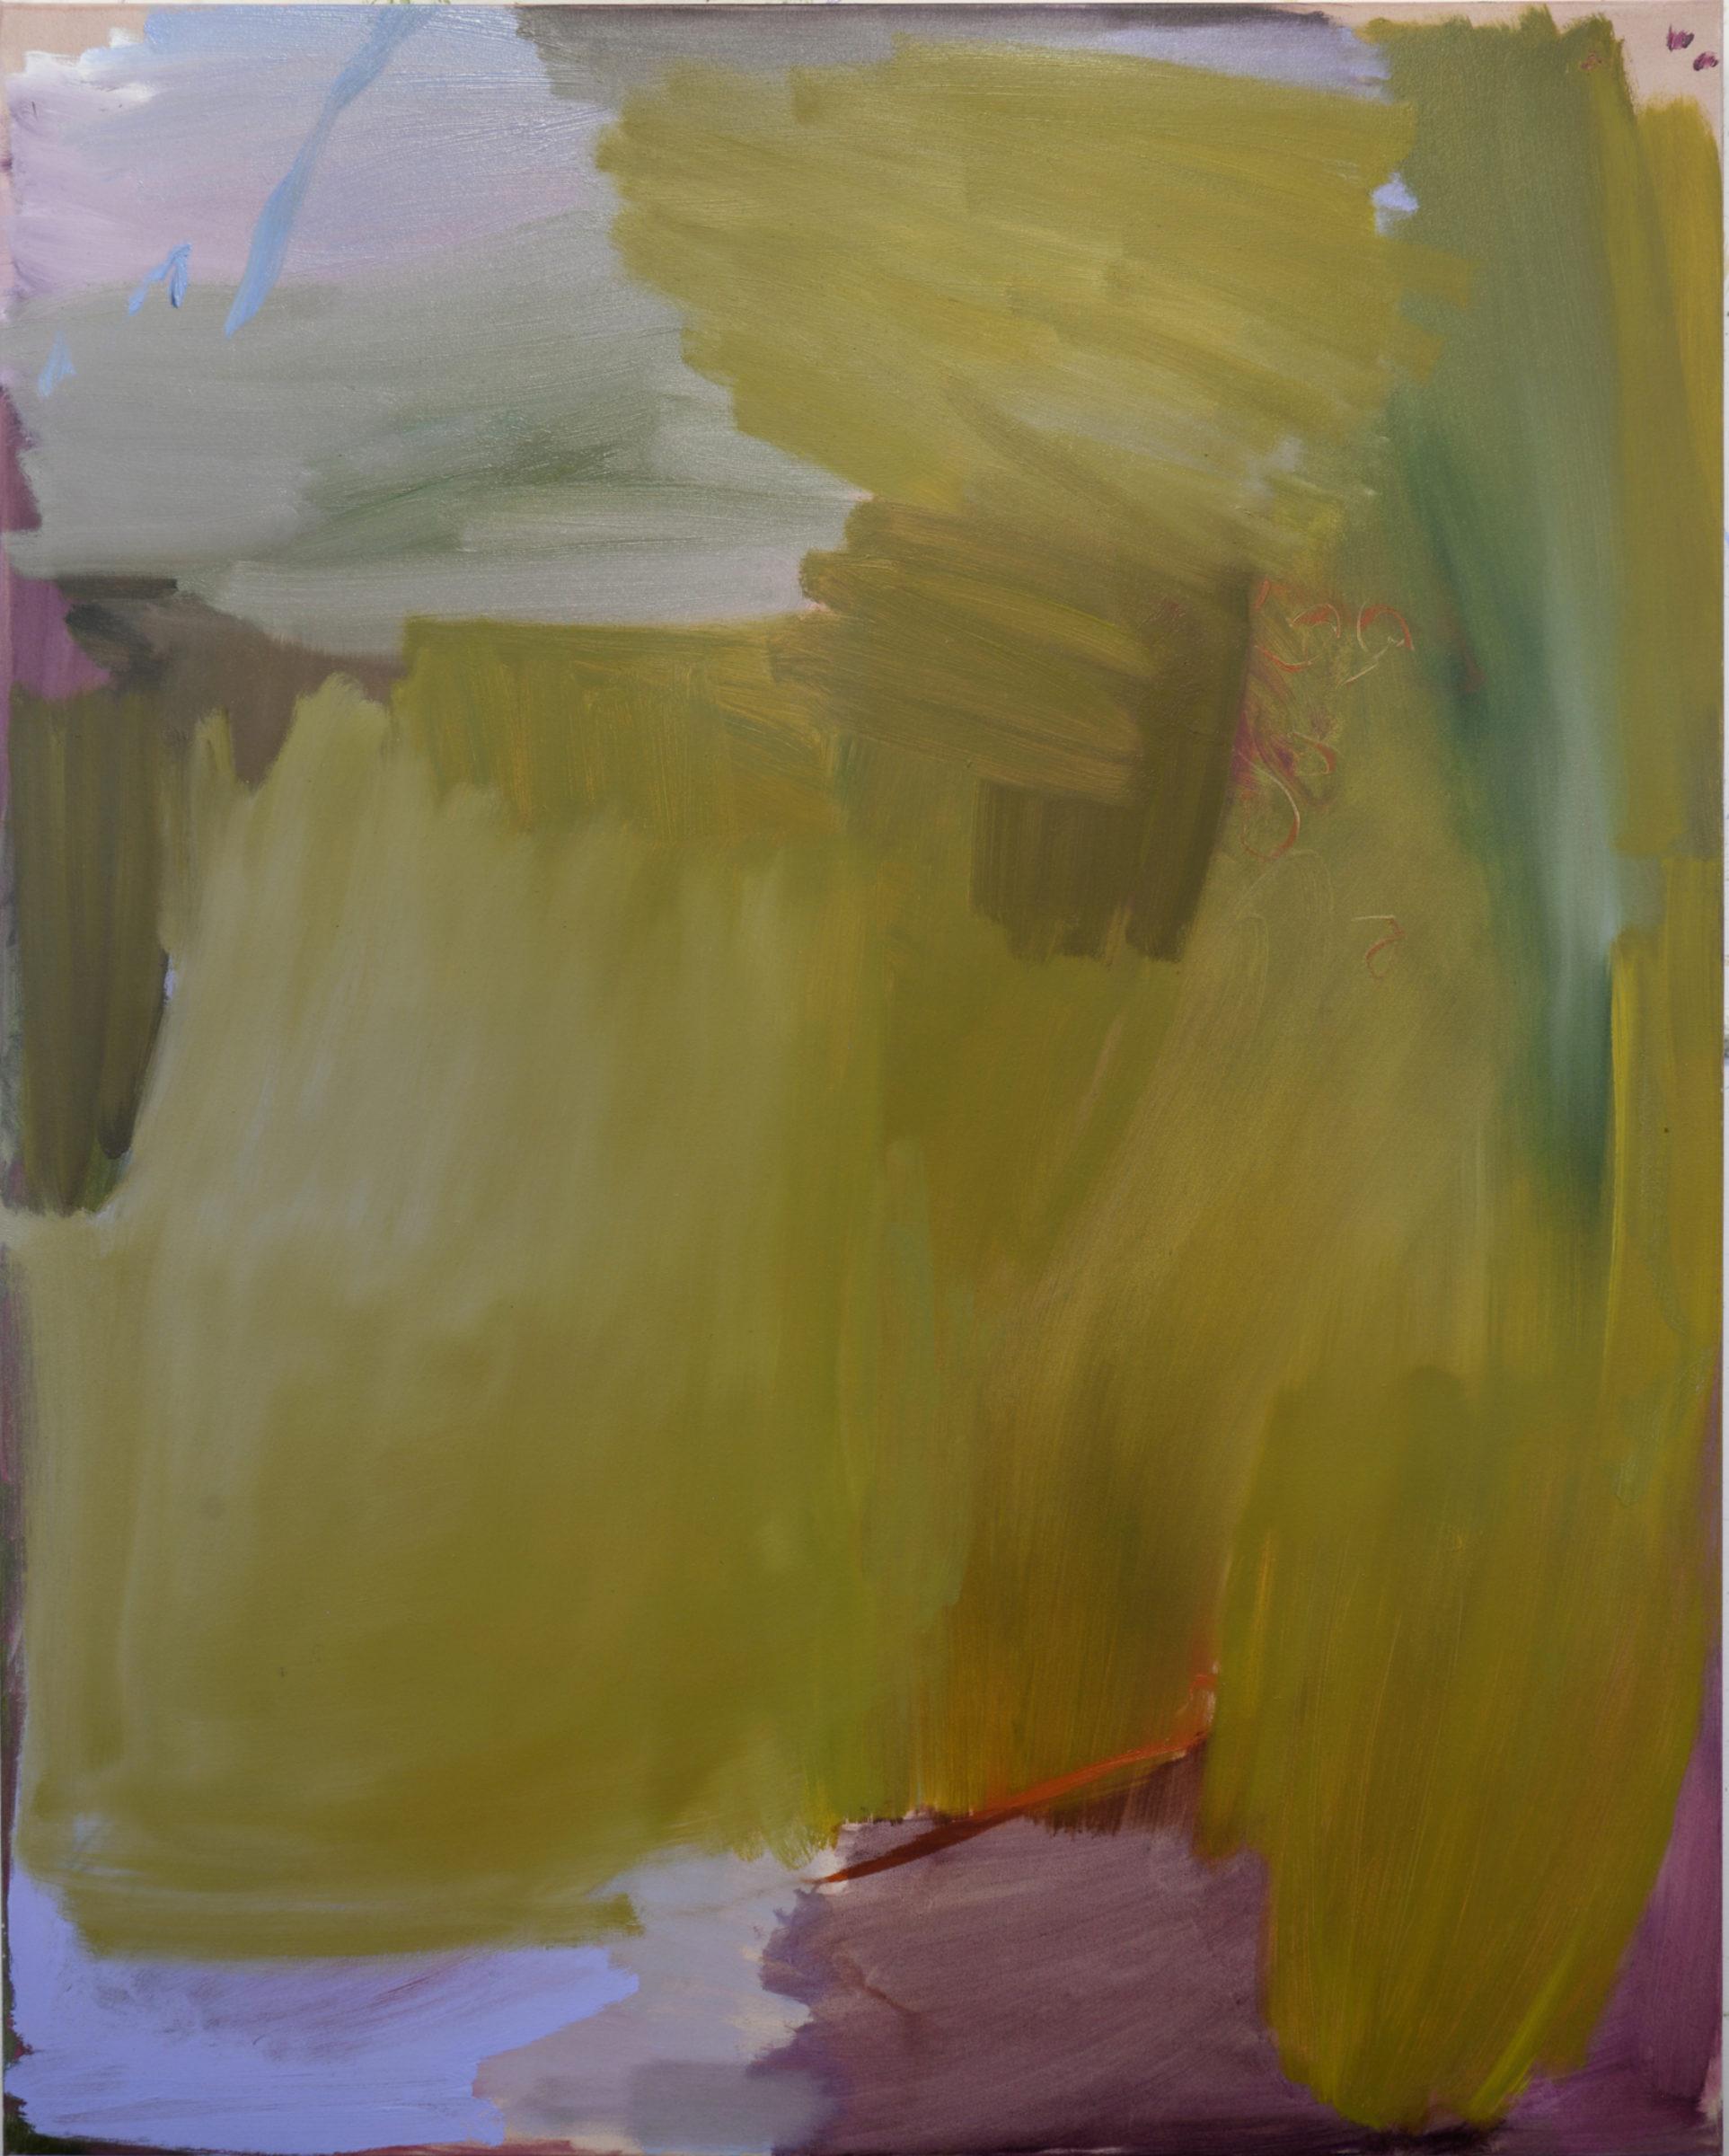 BG_ECG_Pile_2018_Oil-on-canvas_125x100cm_3500